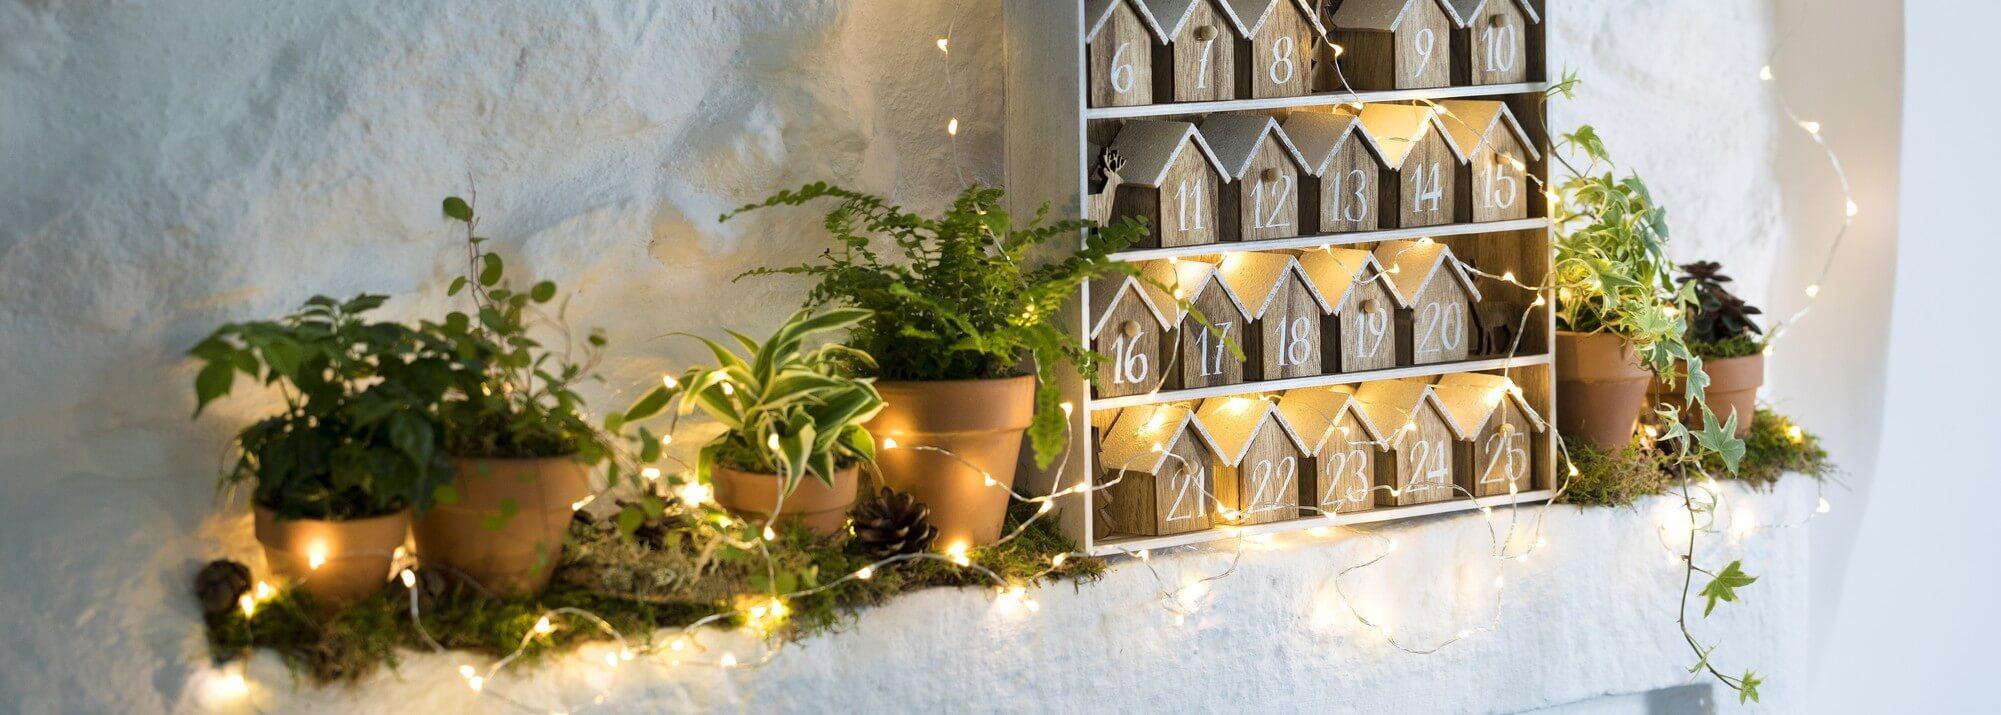 Calendriers de l'Avent et chaussettes de Noël